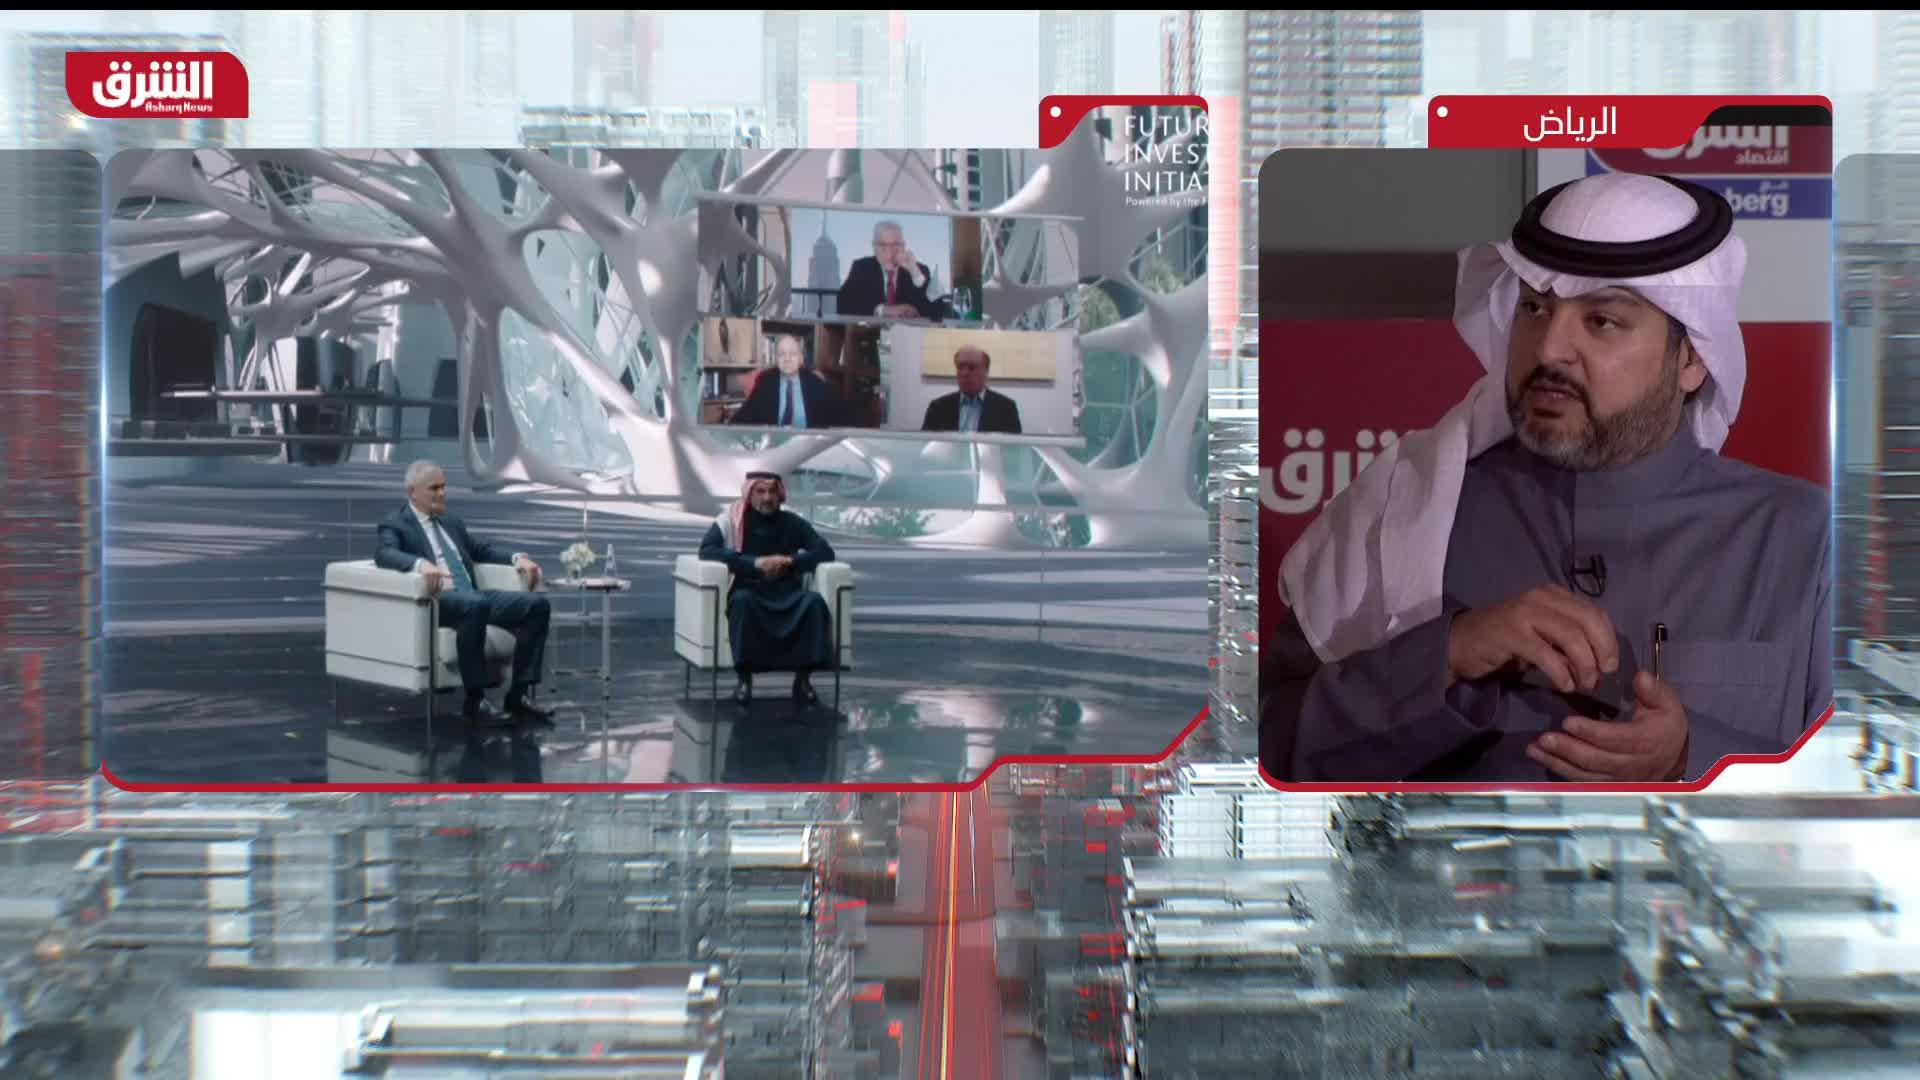 الرياض.. محور اقتصادي عالمي